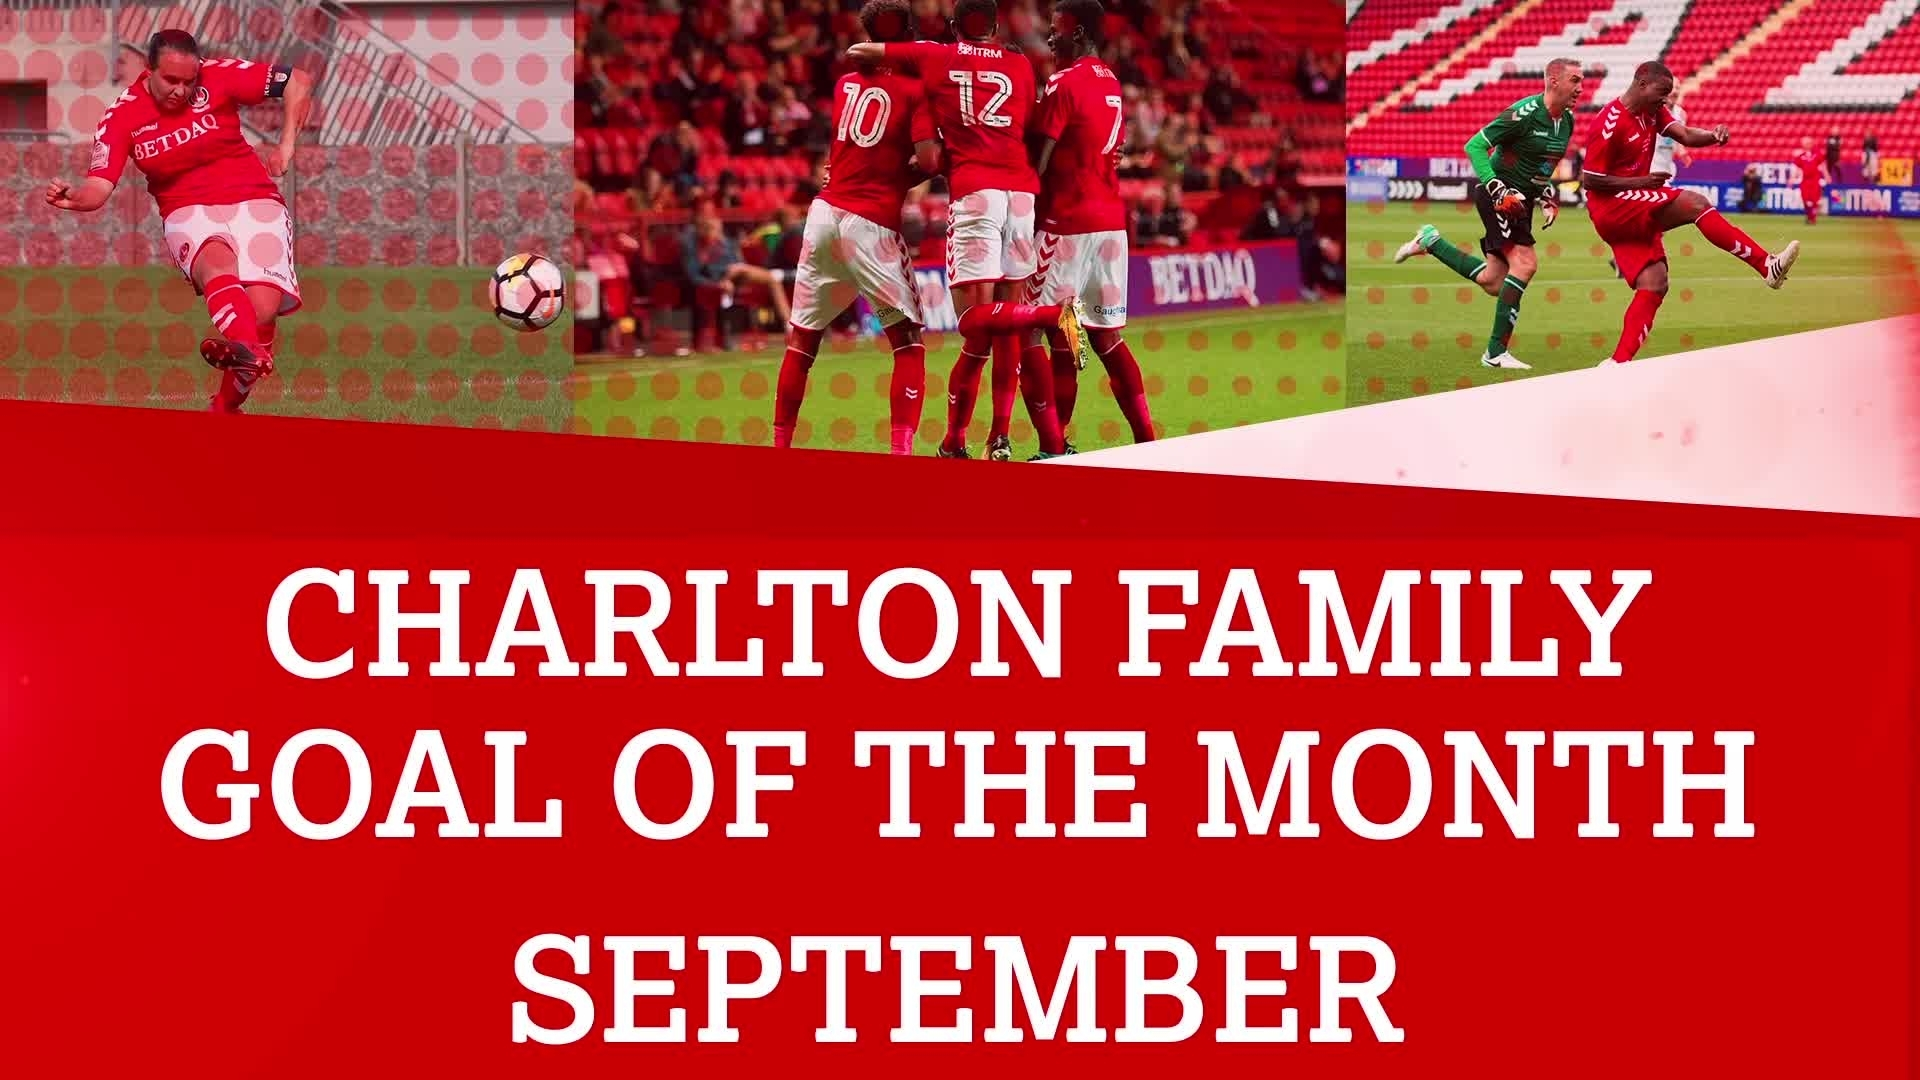 CHARLTON FAMILY GOTM | September